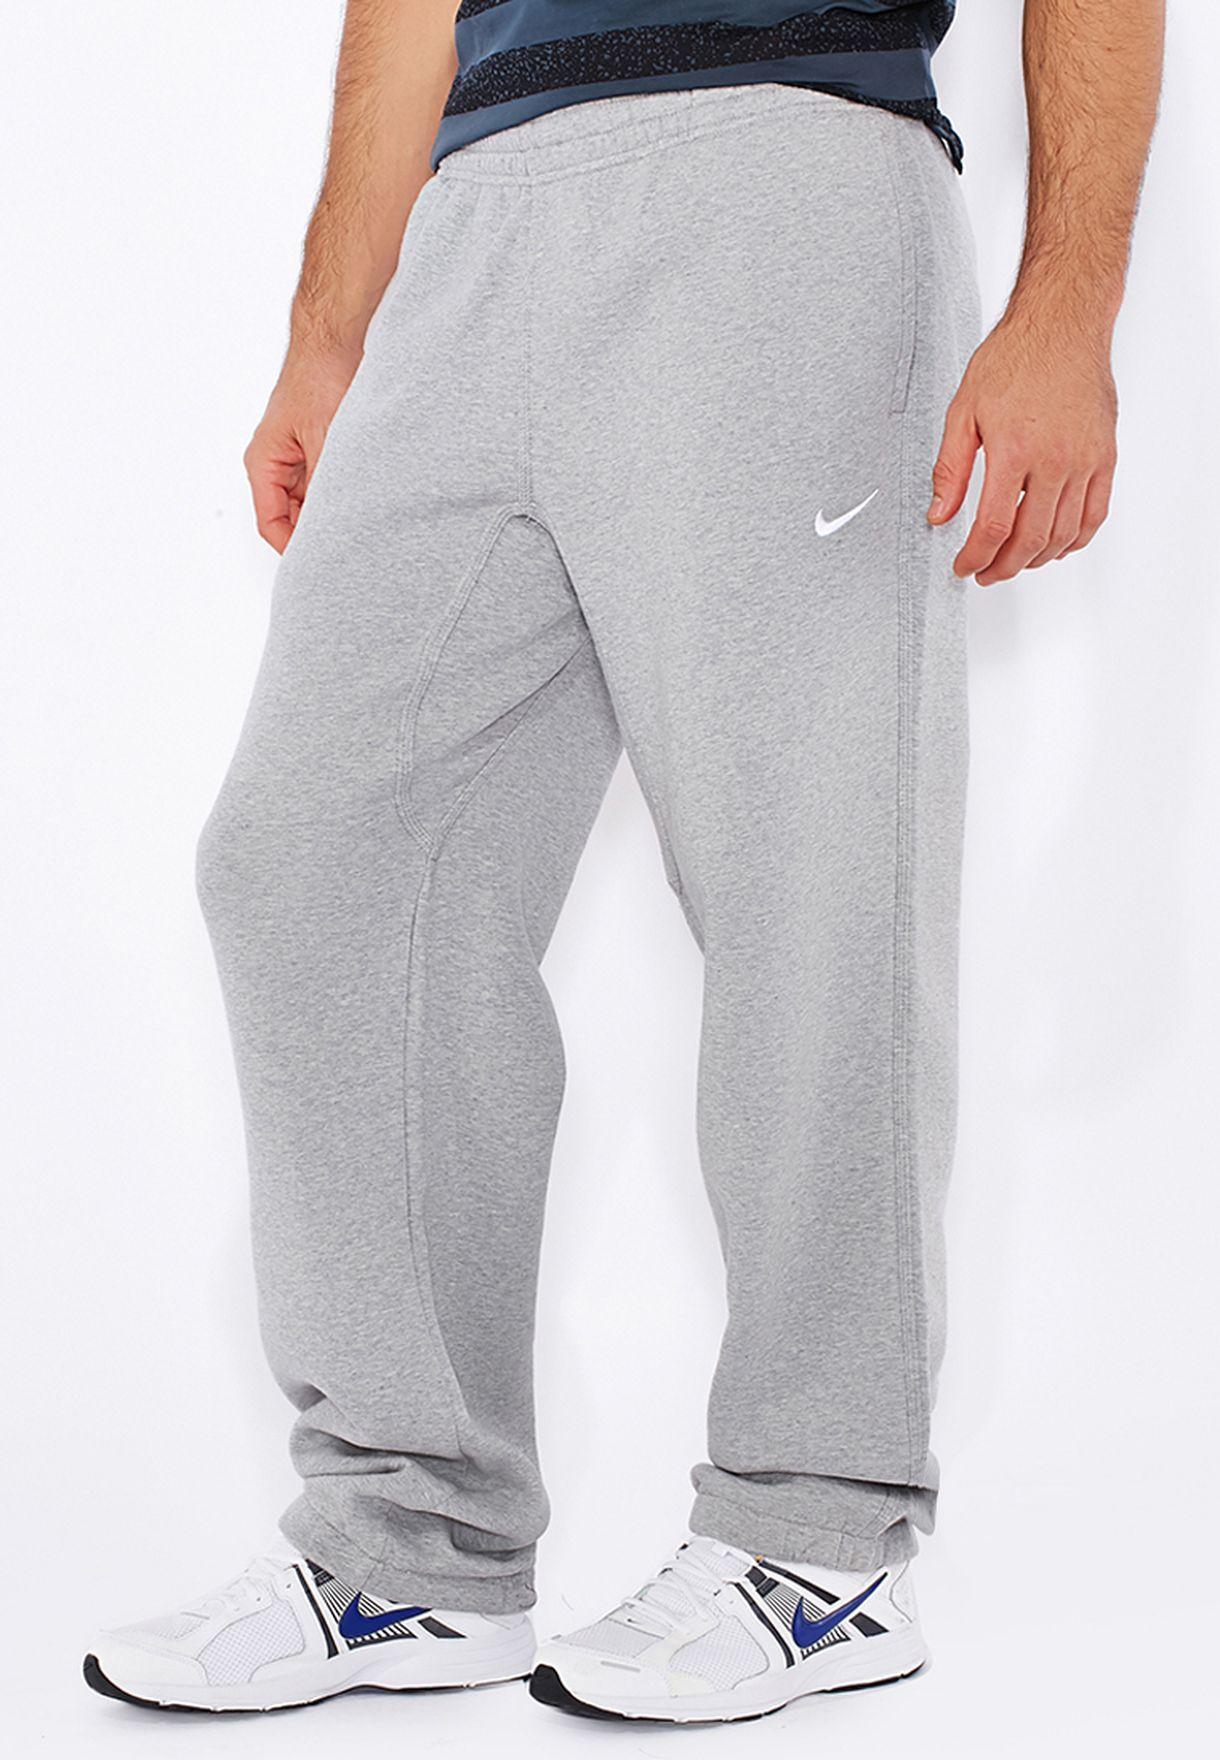 0e439033 Swoosh Club Cuffed Sweatpants